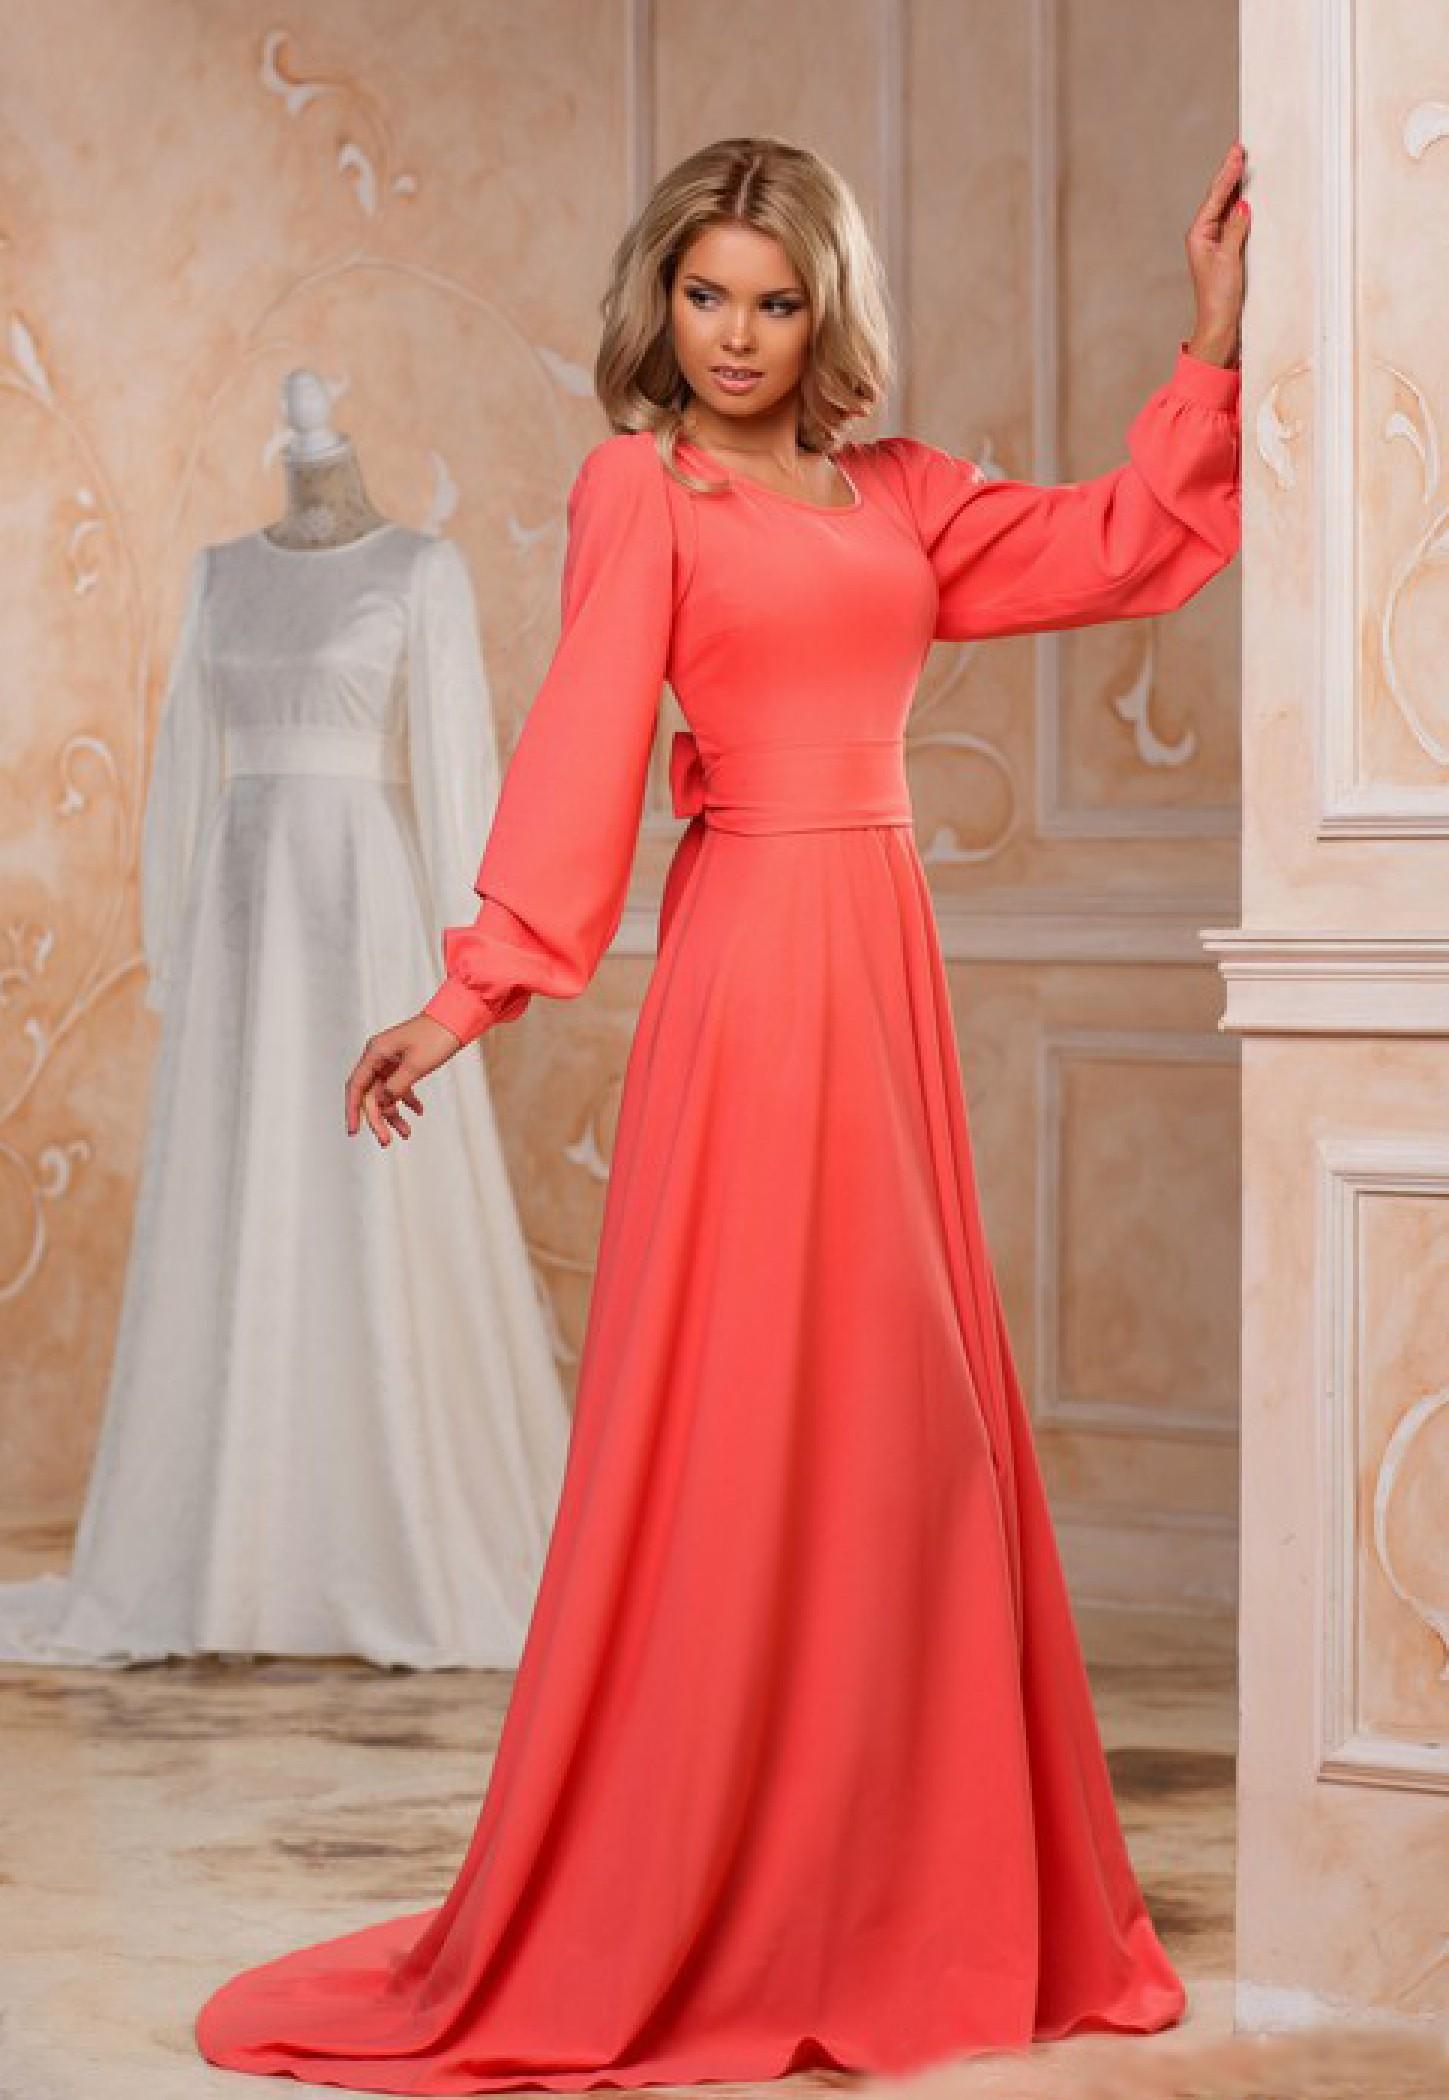 778e5ec058f Купить вечернее длинное платье с открытой спиной. Пошив дизайнерского платья  на заказ. Интернет магазин женской одежды Радэлия